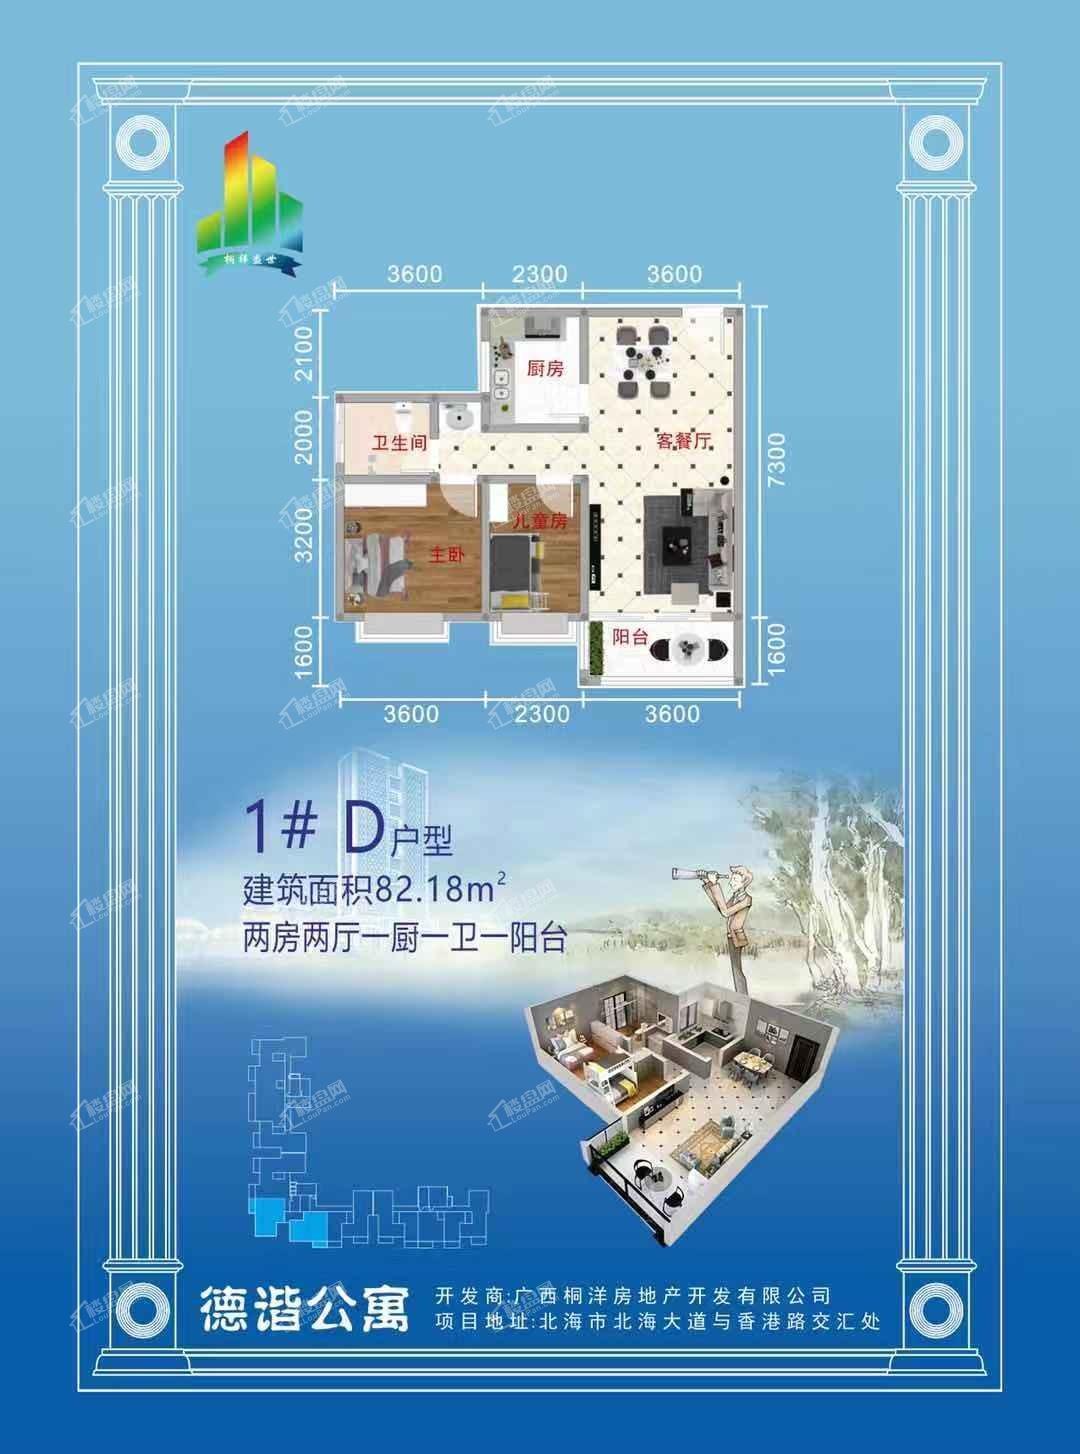 德谐公寓1#D户型82.18㎡